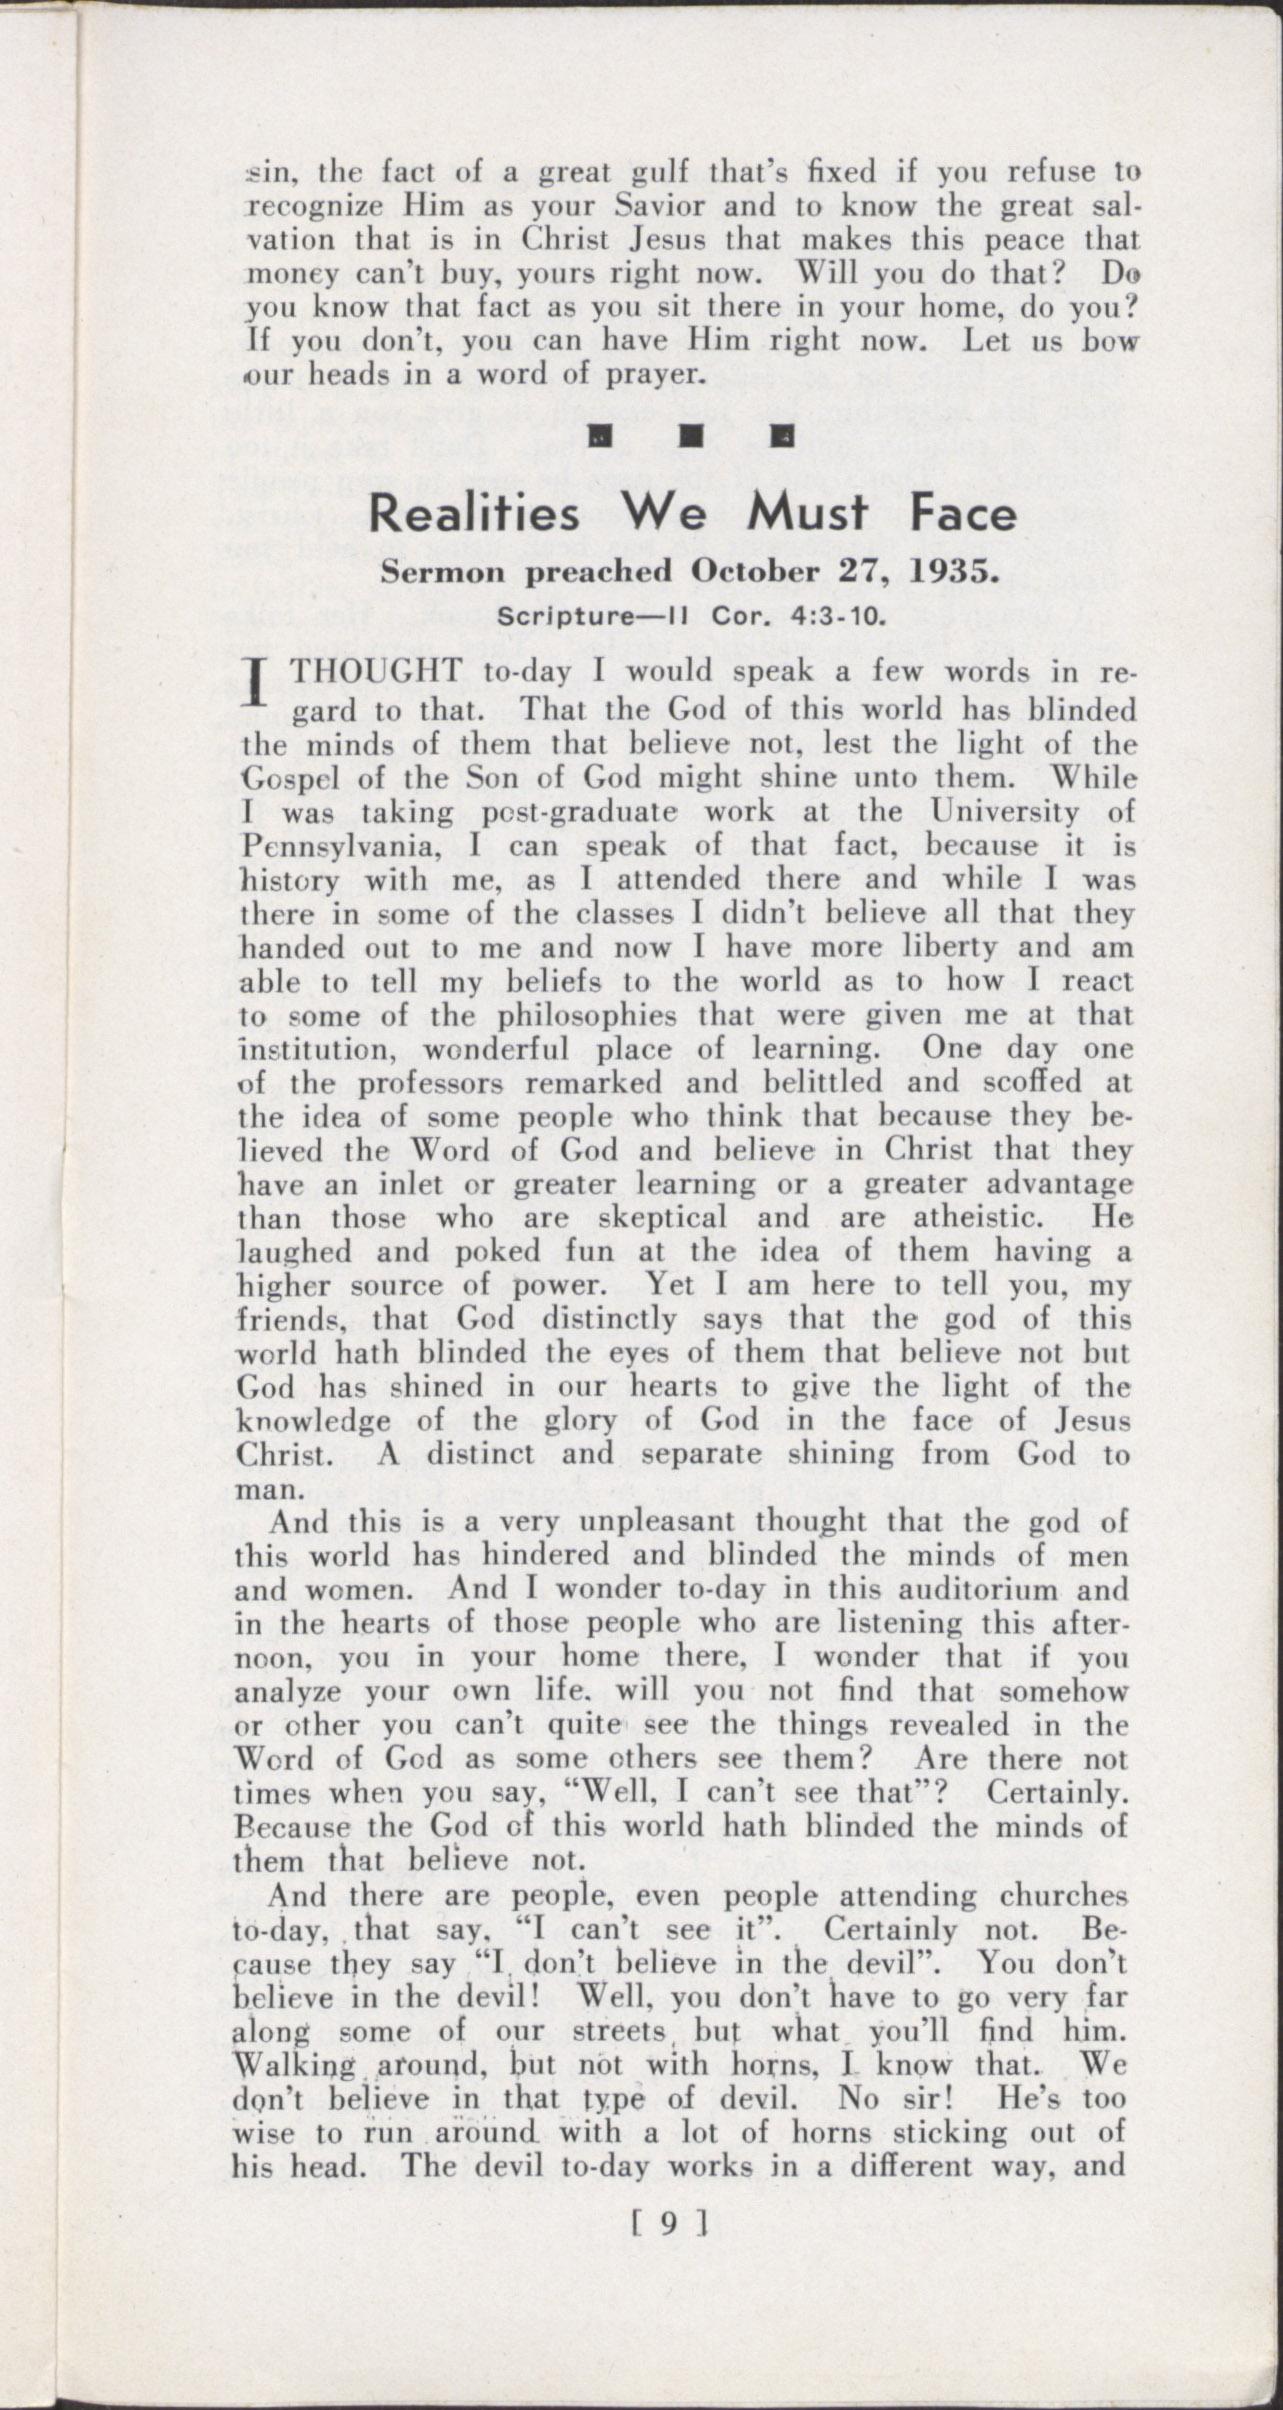 sermons193510-(9)